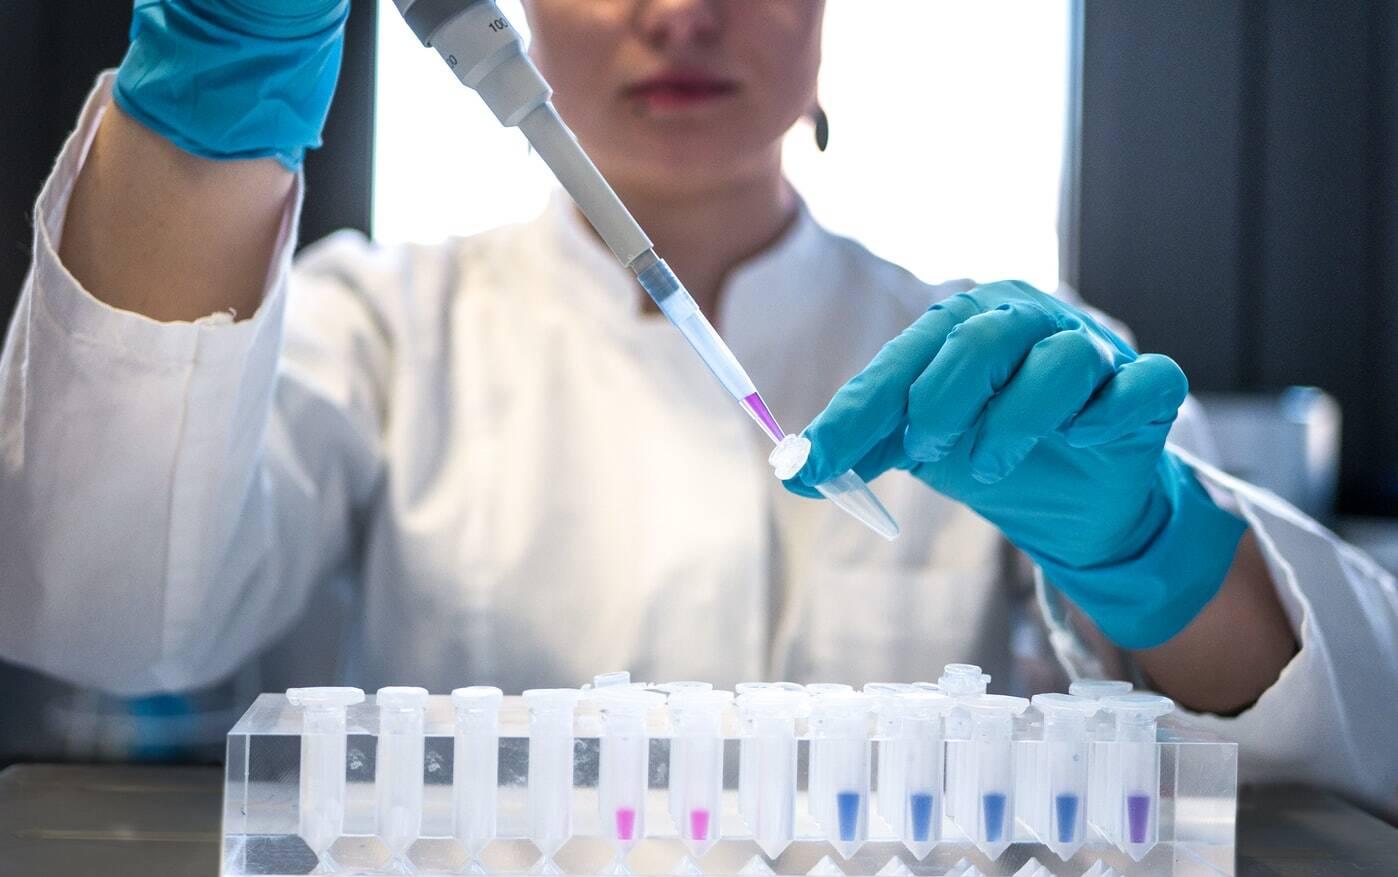 A variante japonesa E484K causa a mutação de um aminoácido que atinge o ponto onde os anticorpos da vacina atuam. (Foto: Unsplash)